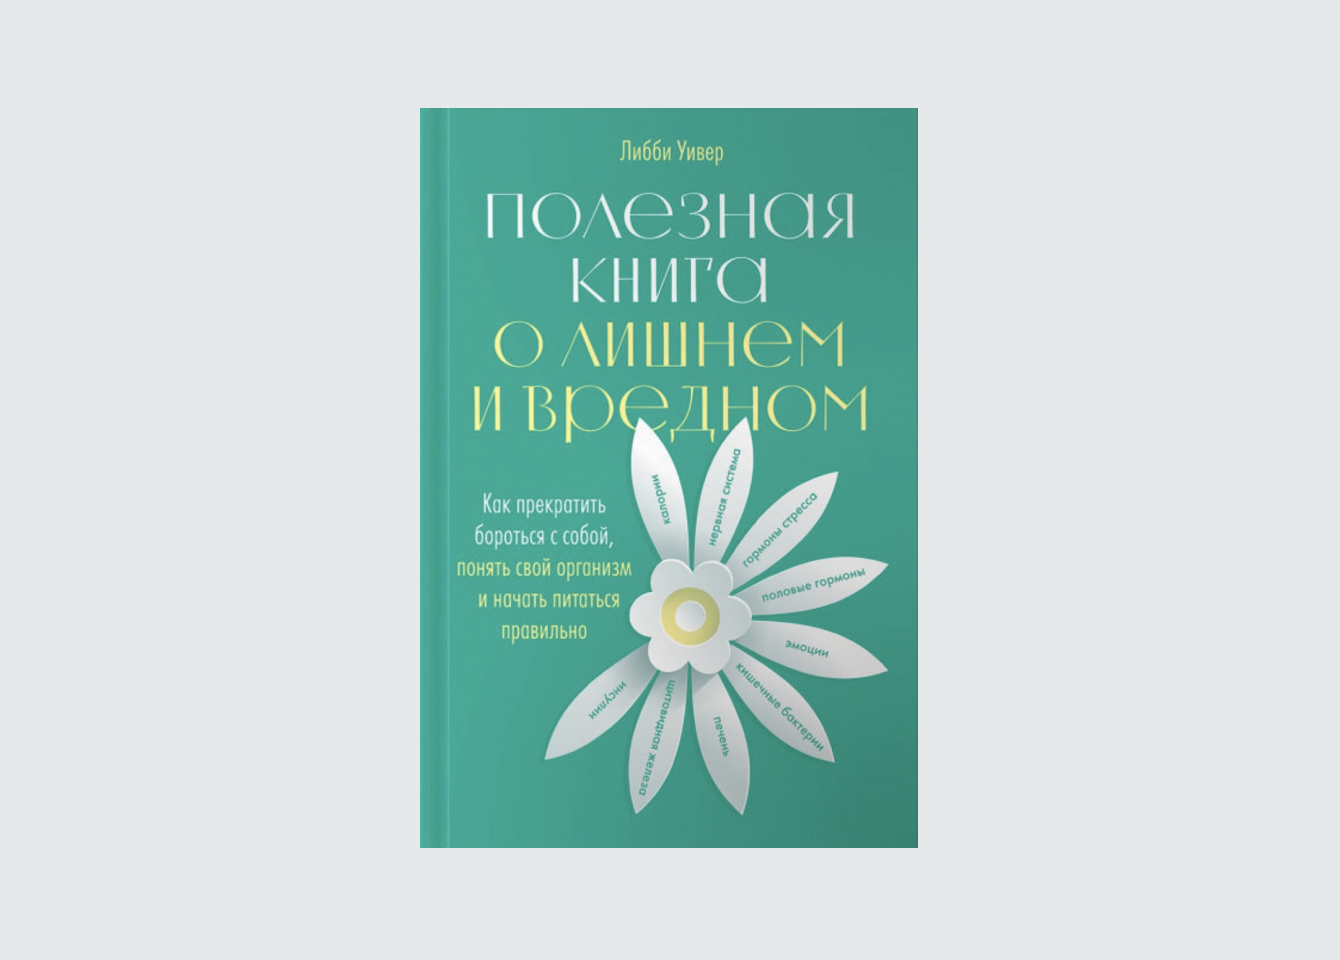 Красота, здоровье, осознанность, правильное питание: 11 новых книг для заботы о себе (фото 11)